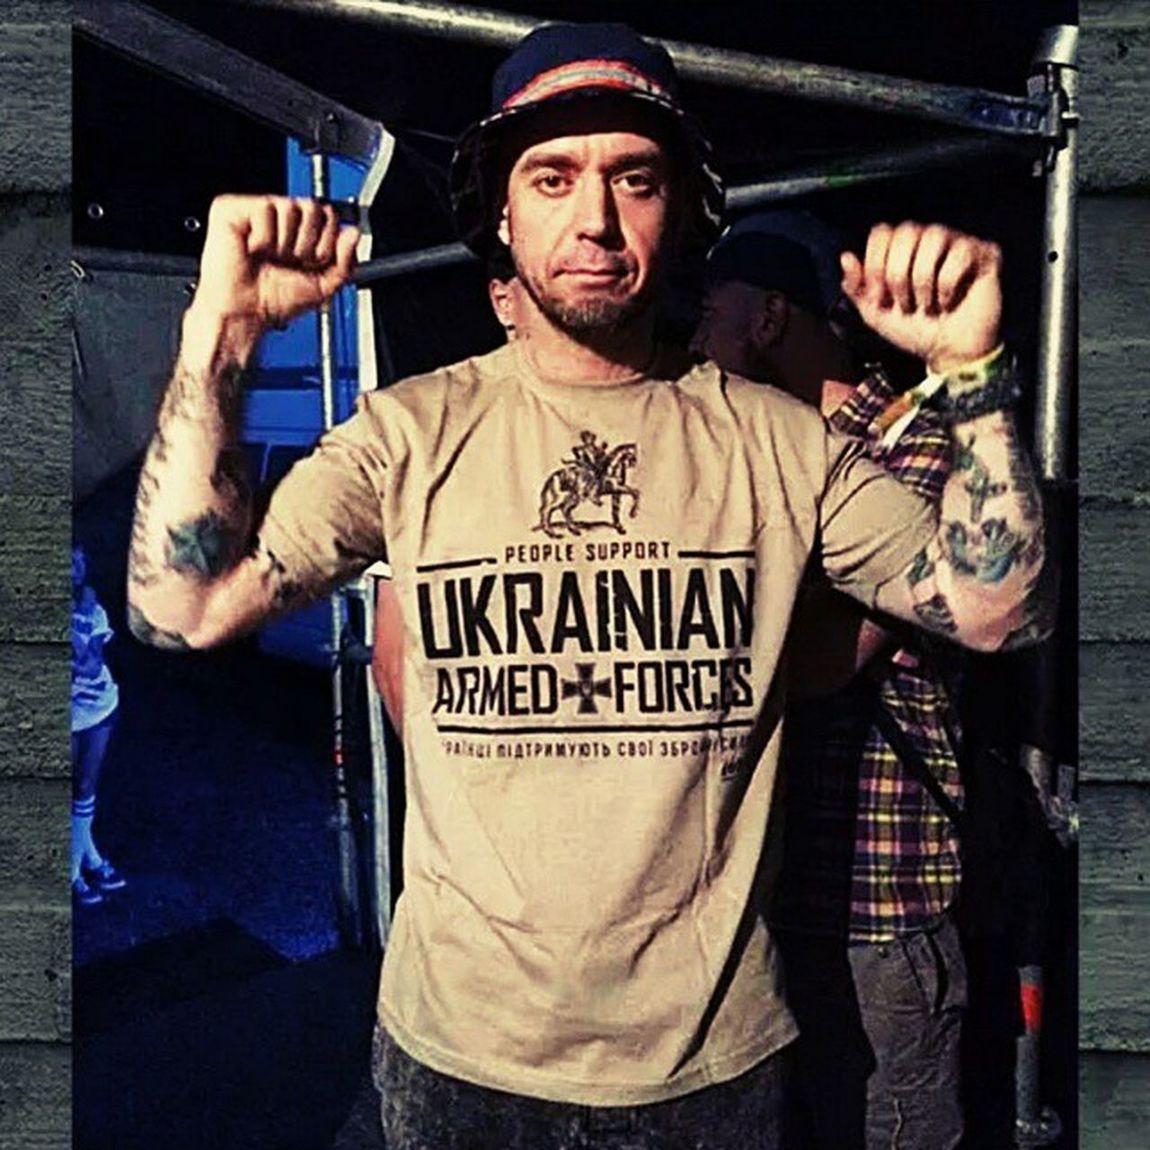 Сергей Михалок в футболке от lutasprava.com, такая же есть у меня. Покупаешь две - вторая идёт в подарок украинскому солдату. Поддержим наших защитников! ЛютаСправа ПомощьВоенным ПомощьАрмии война Михалок брутто трубецкой ляпис